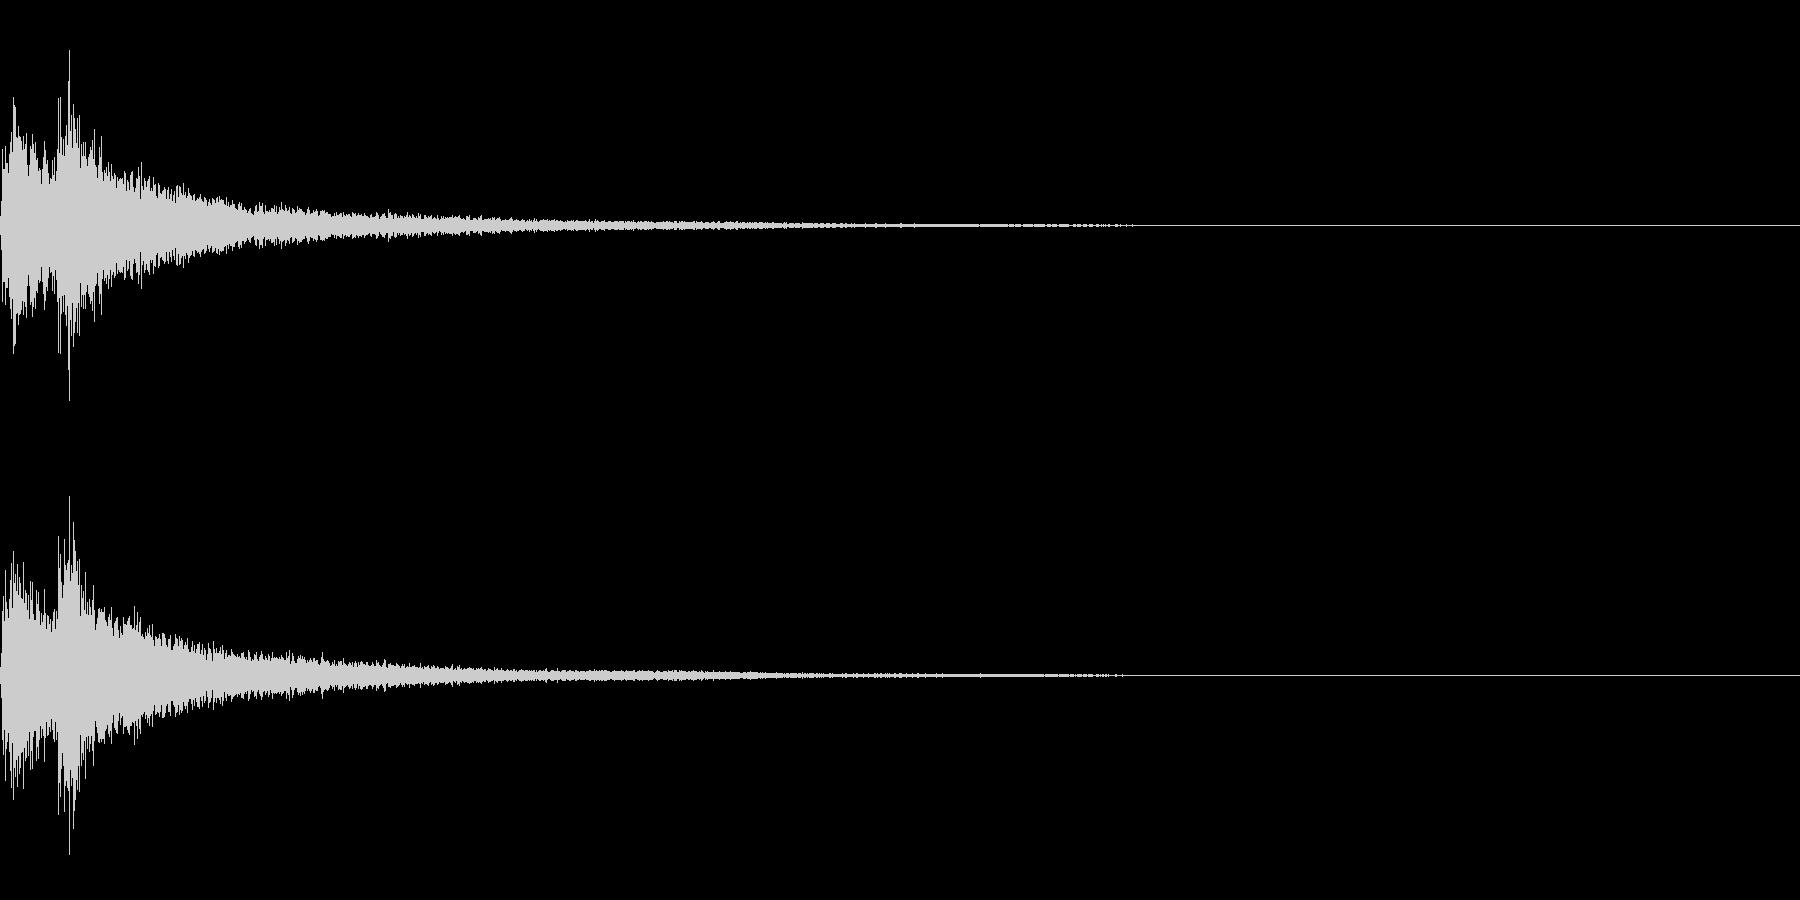 ティンパニーとシンバル☆ドドン!2の未再生の波形